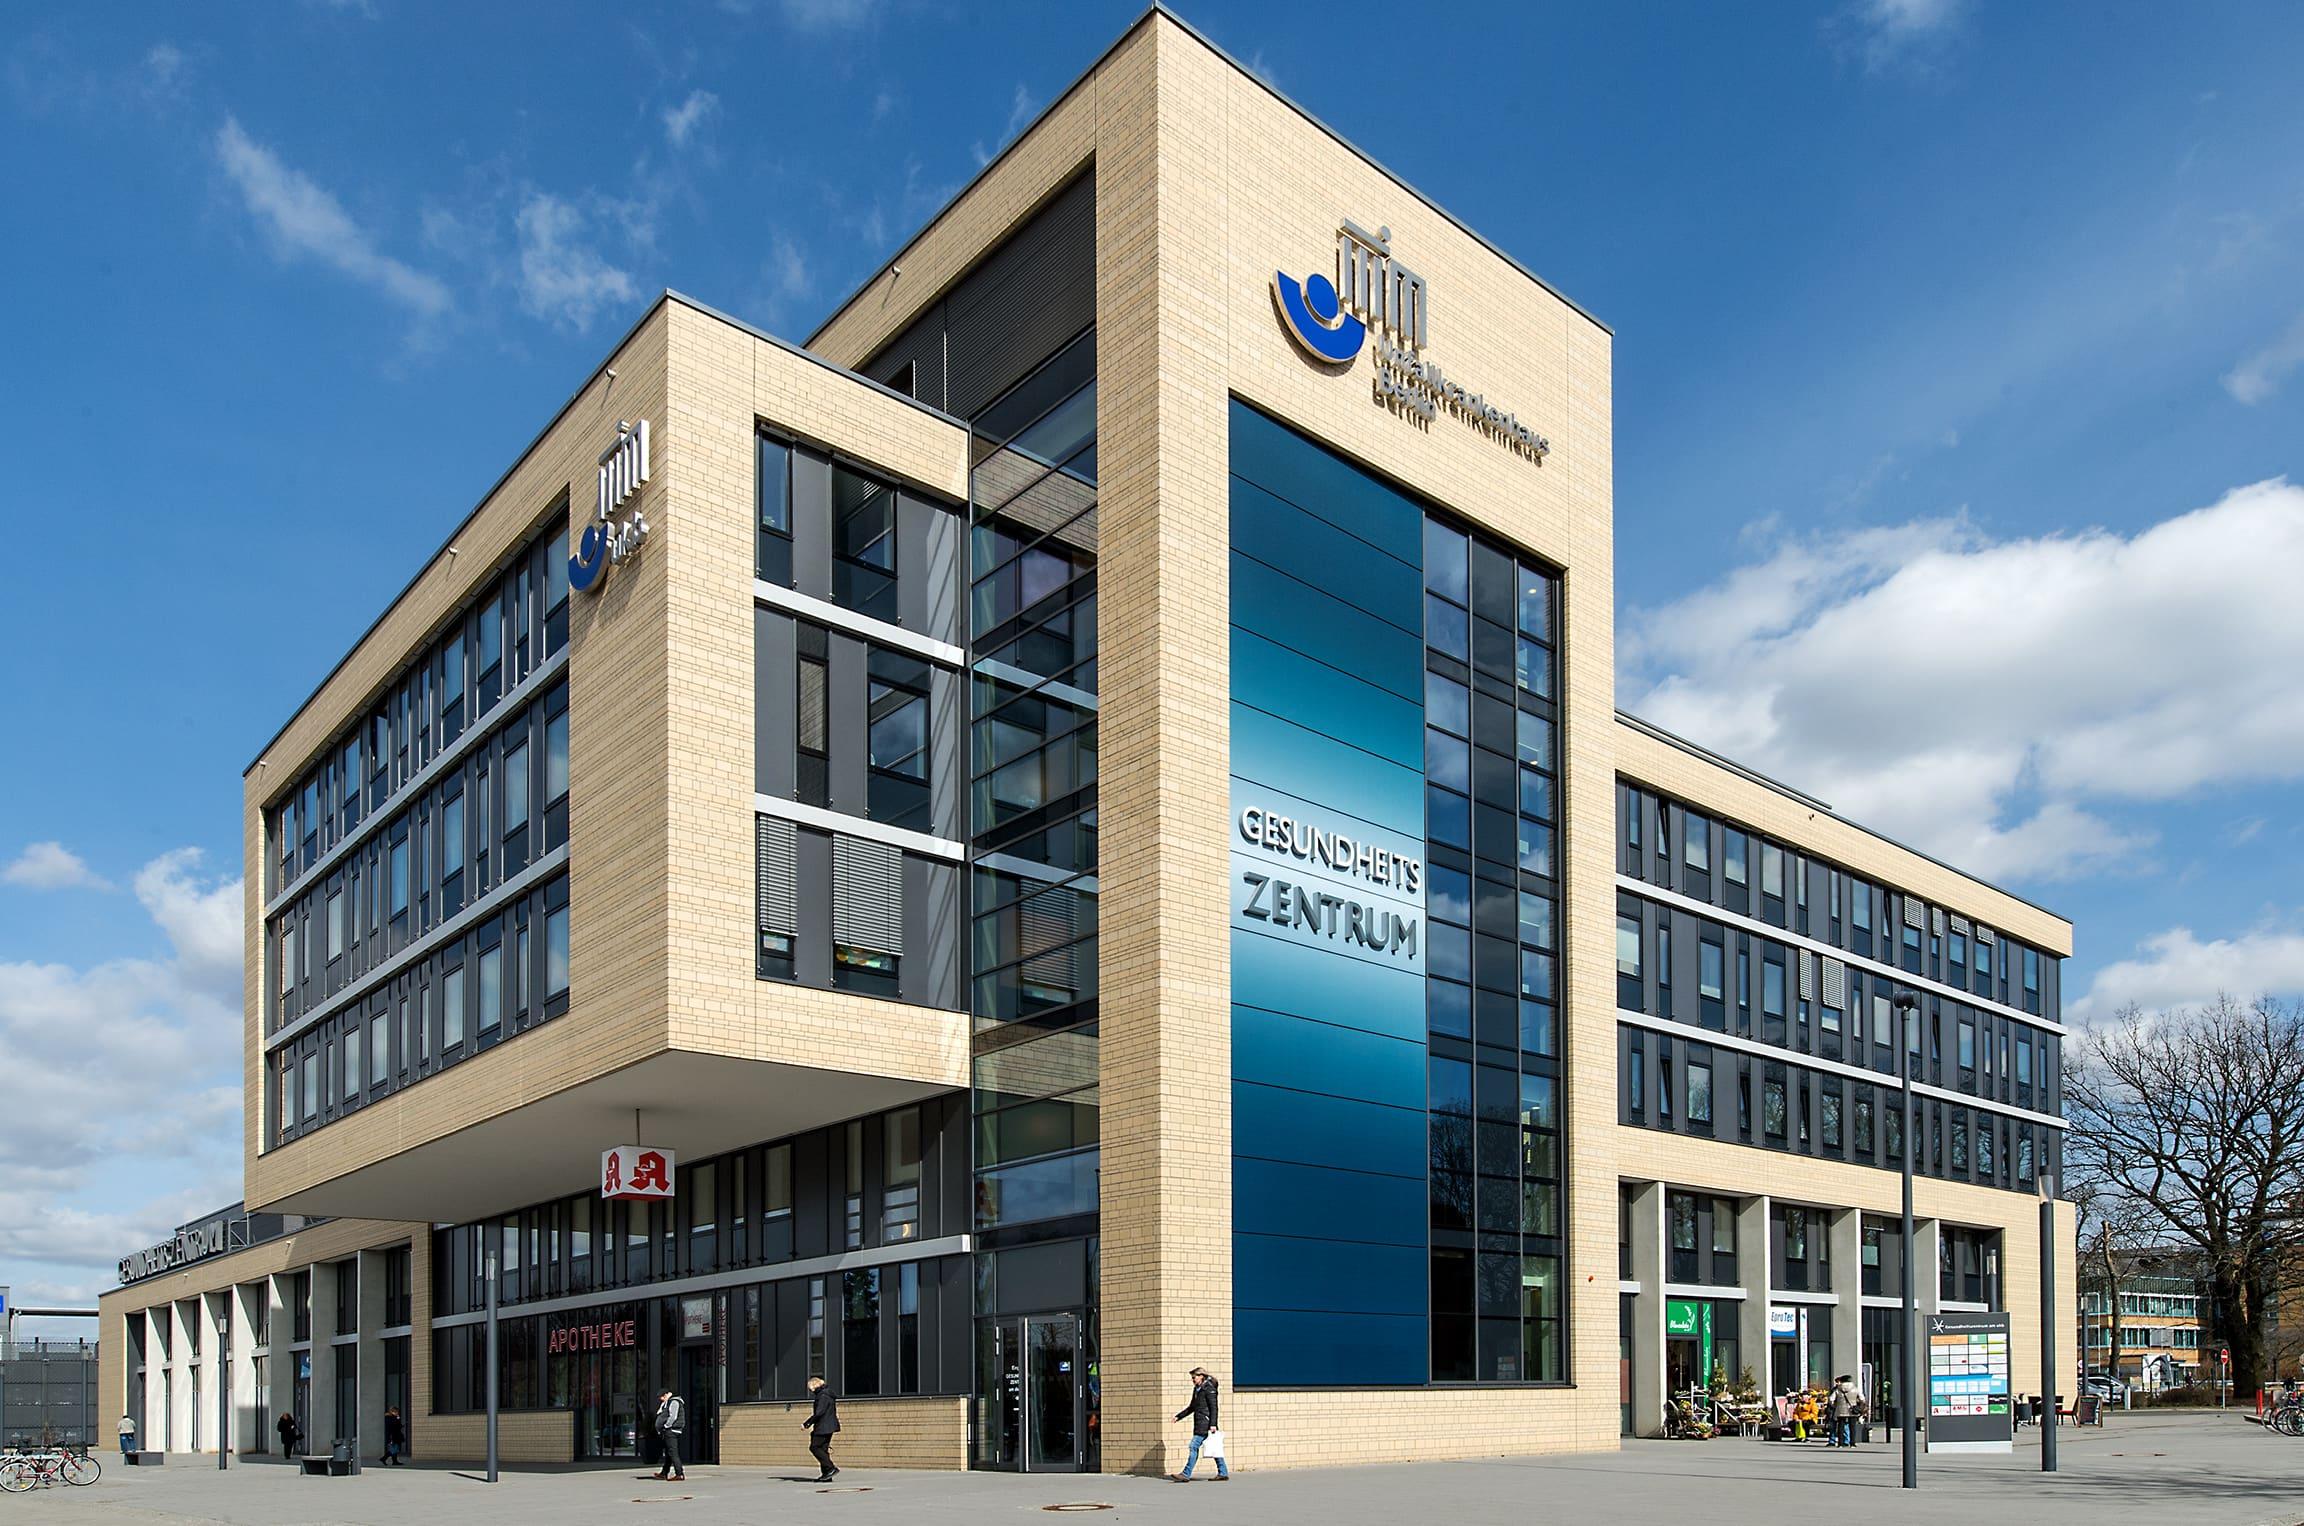 Poliklinik am ukb, MVZ   Medizinisches Versorgungszentrum in Berlin